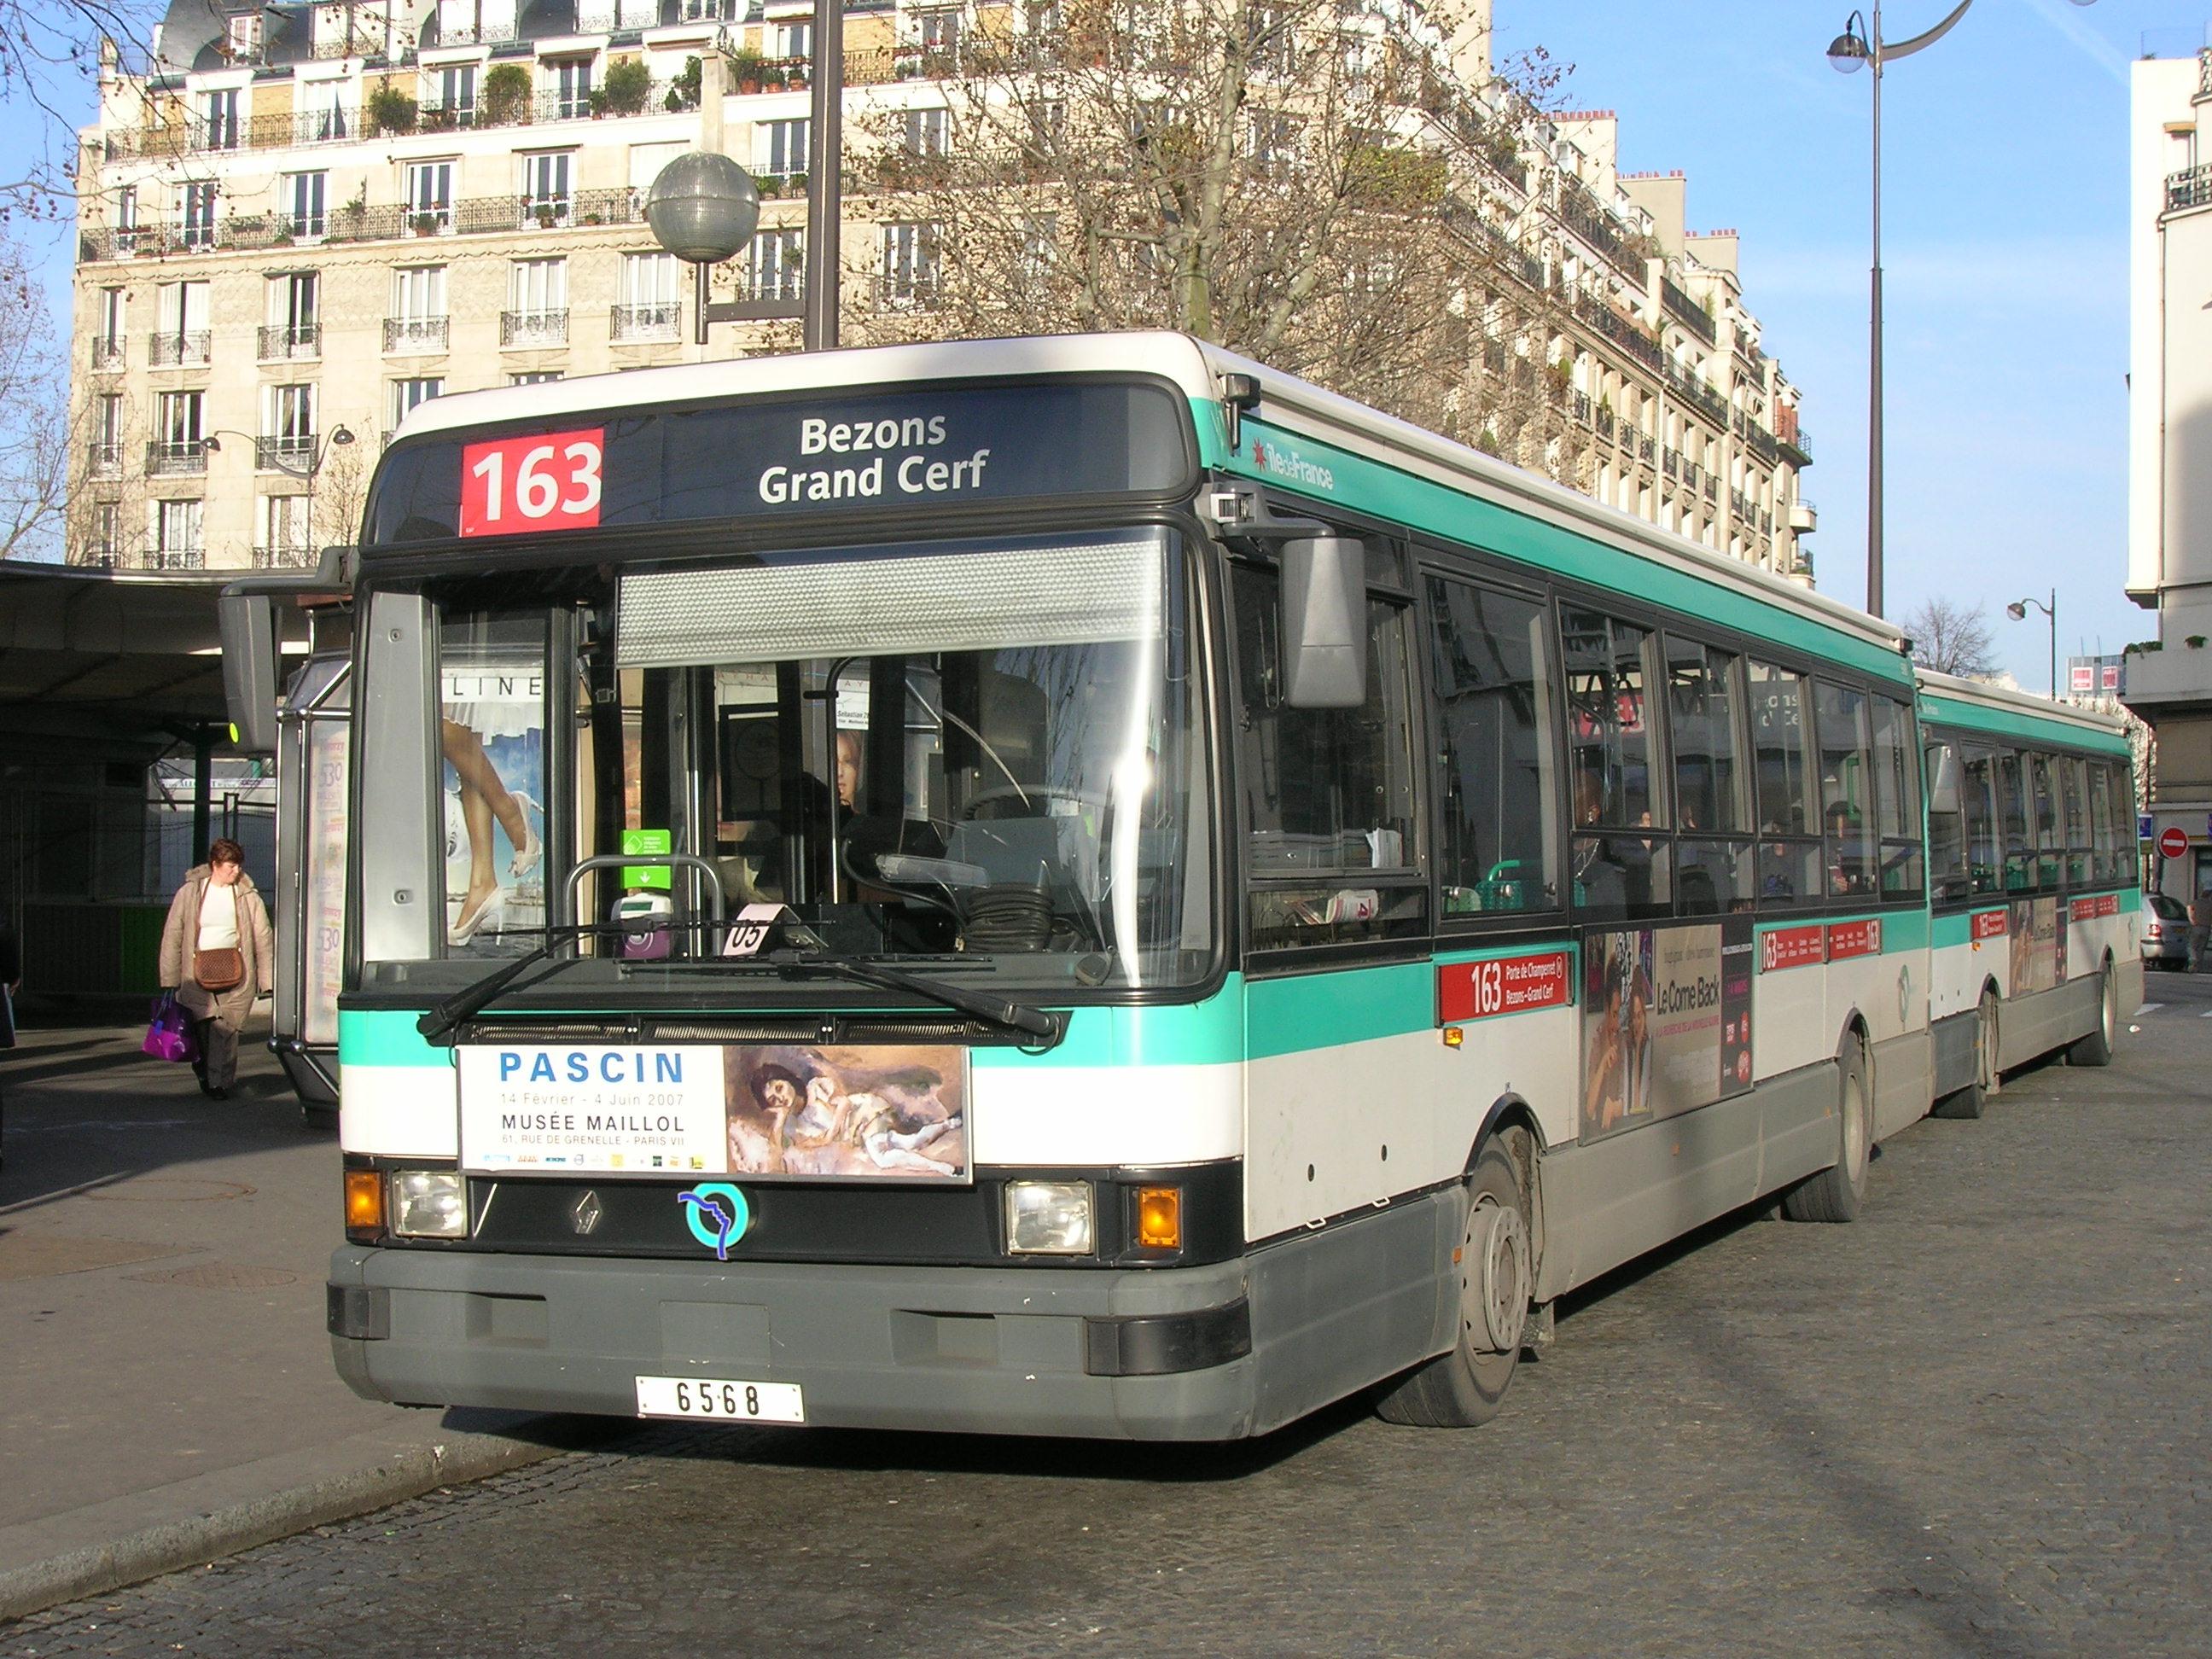 Nombre avec Image[JEU] - Page 8 RATP_163_Porte_de_Champerret